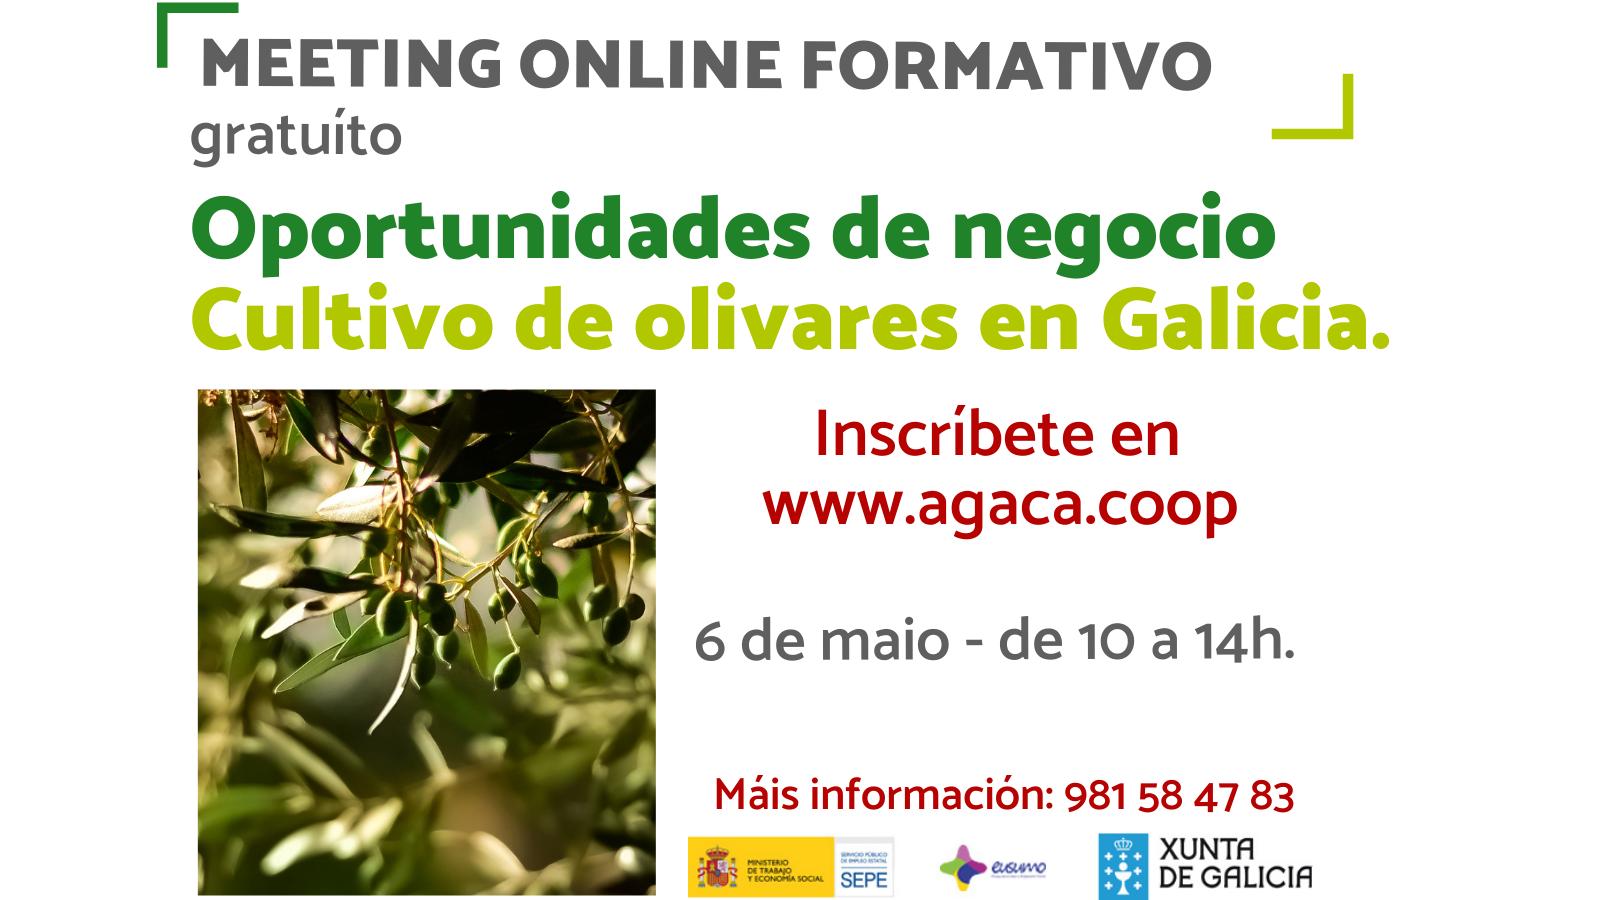 — Inscripción – Meeting formativo. Oportunidades de negocio. Cultivo de olivares en Galicia – 6 de mayo